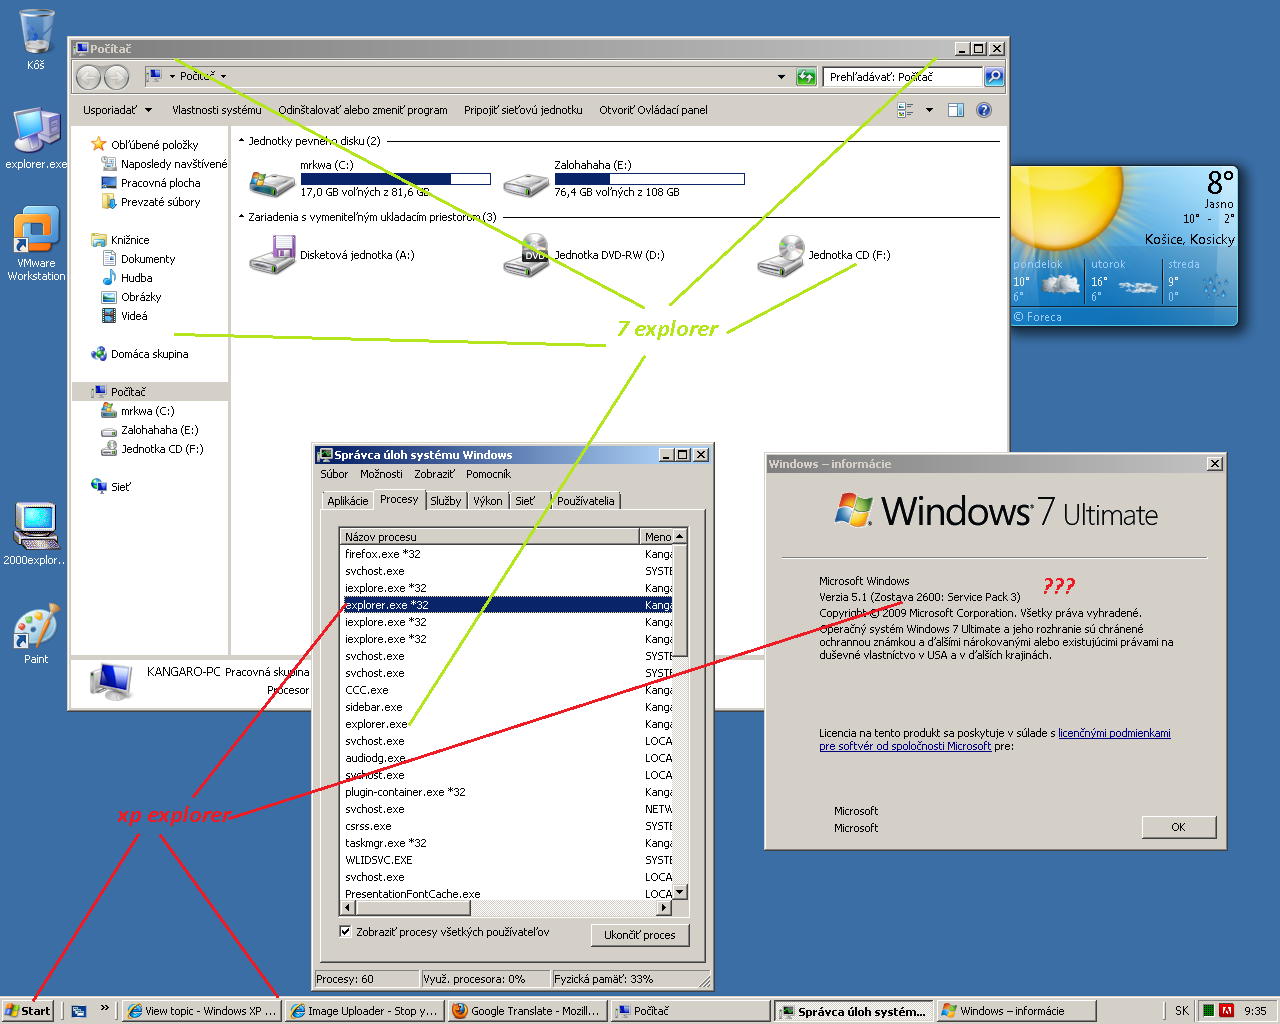 Скачать файл explorer exe для windows xp.